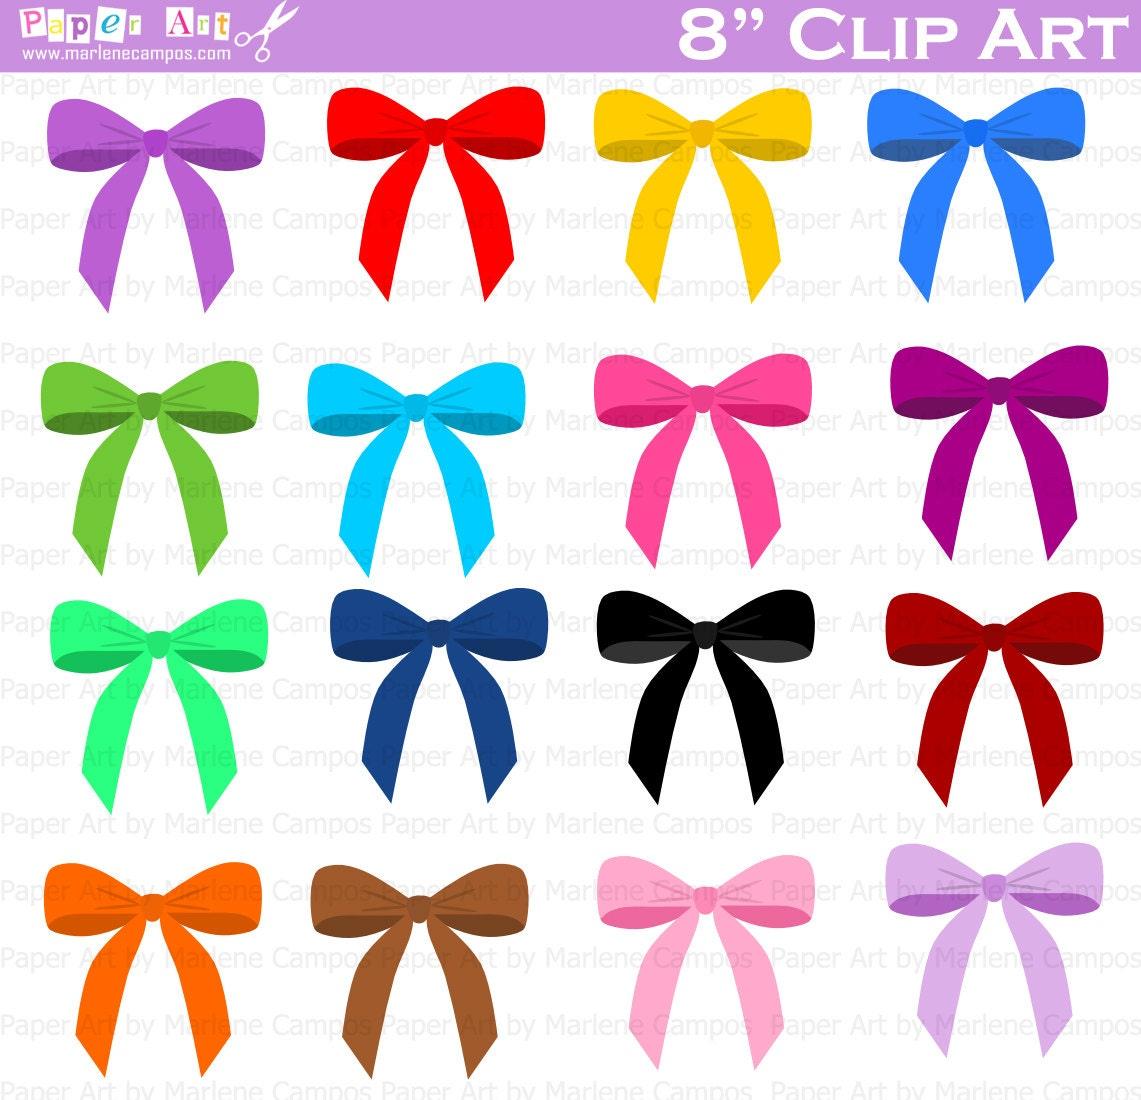 Hair bow clipart | Etsy